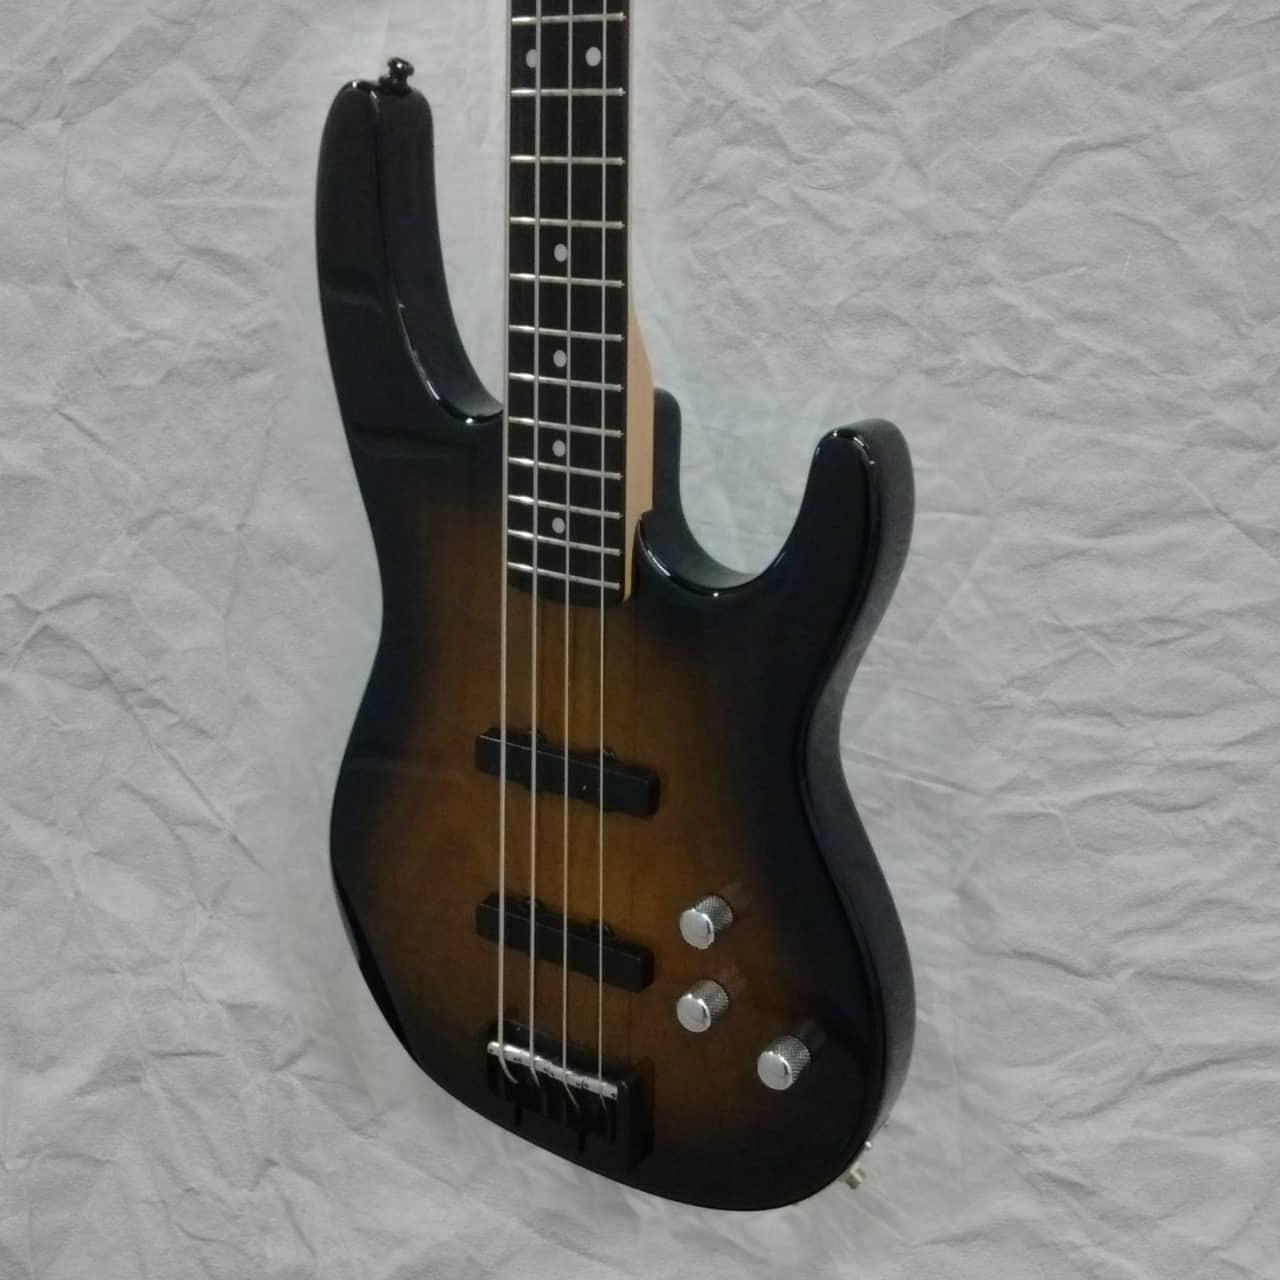 carvin lb 40 bass guitar 4 string garage band guitars reverb. Black Bedroom Furniture Sets. Home Design Ideas